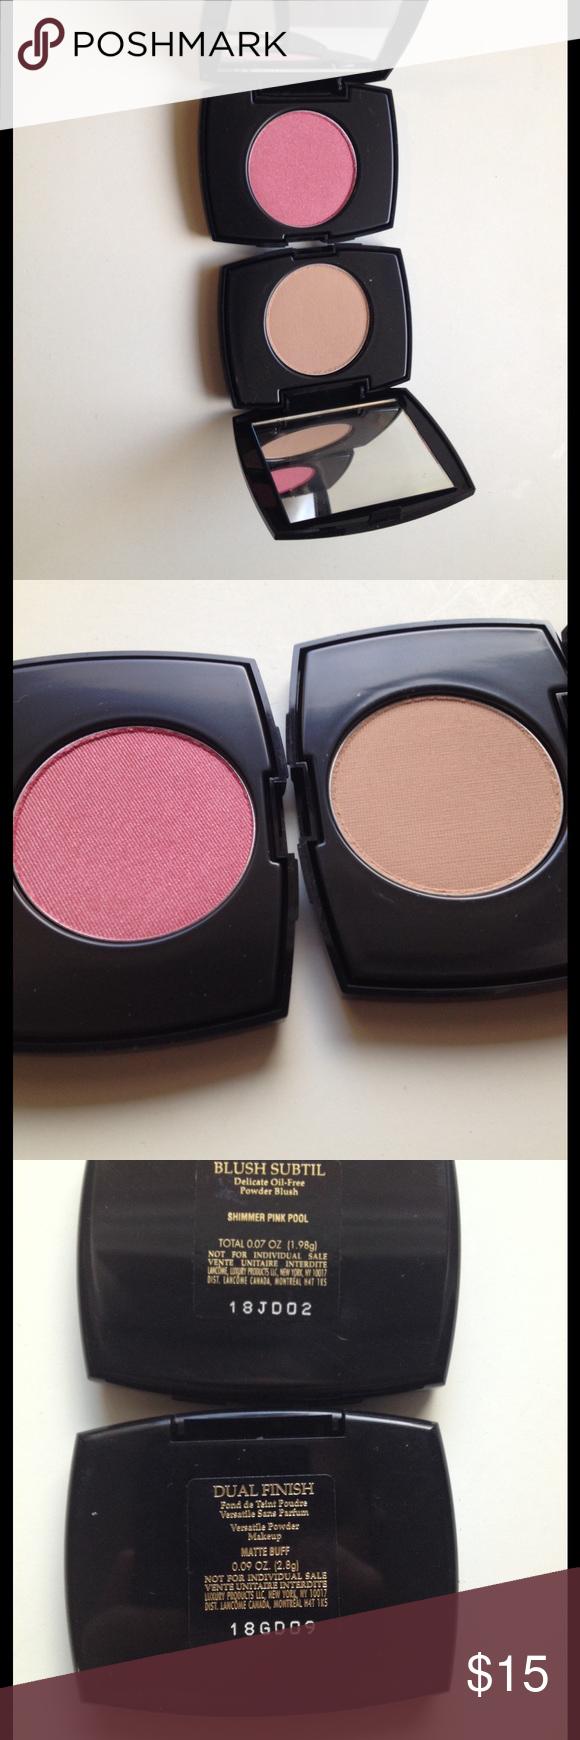 Lancôme Powder makeup, Blush makeup, blush